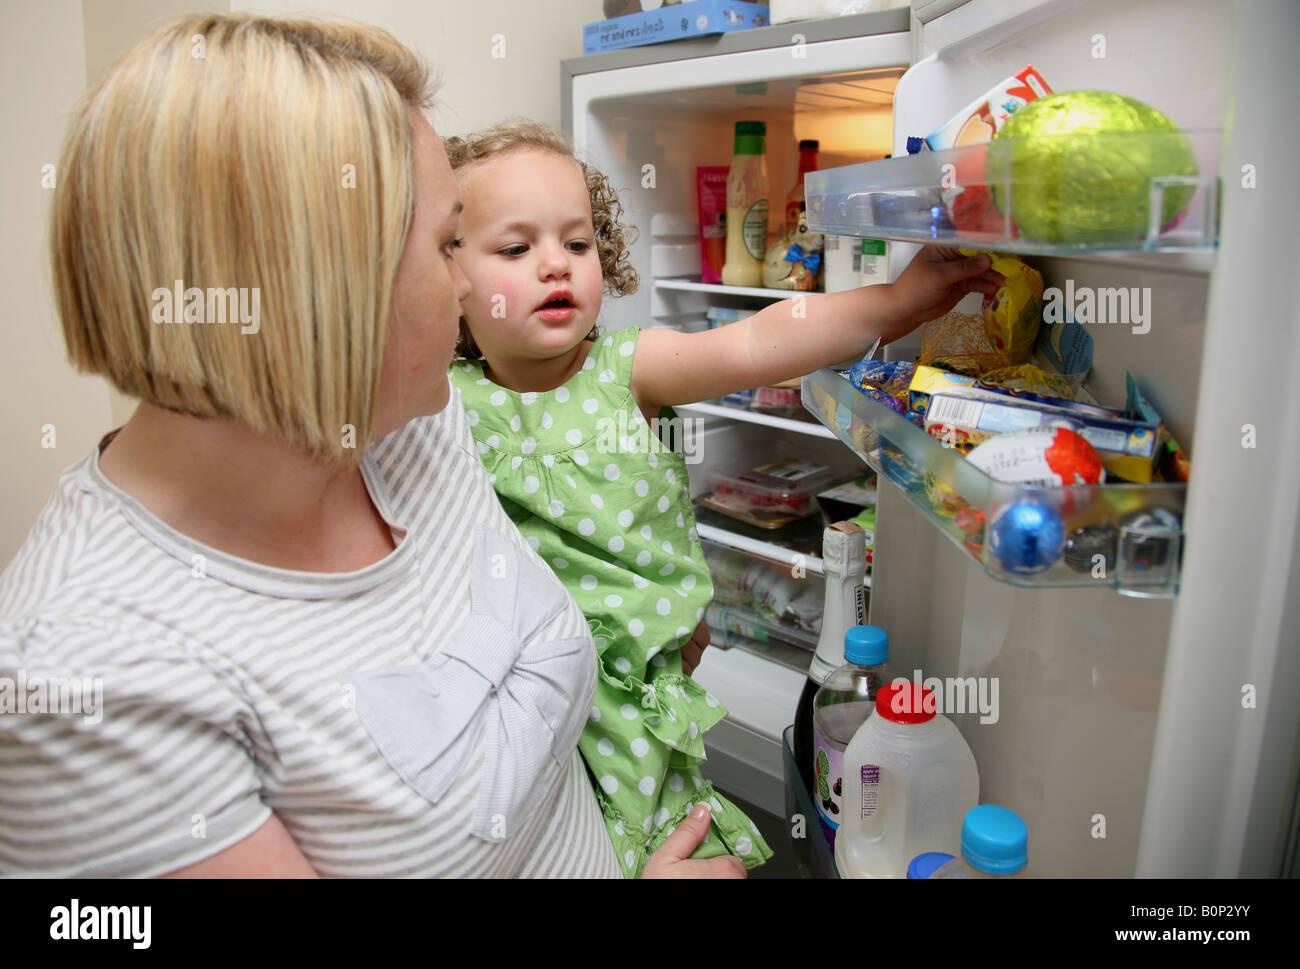 Mutter und tochter in der k che das kleinkind nimmt eine for Kuhlschrank kleine kuche